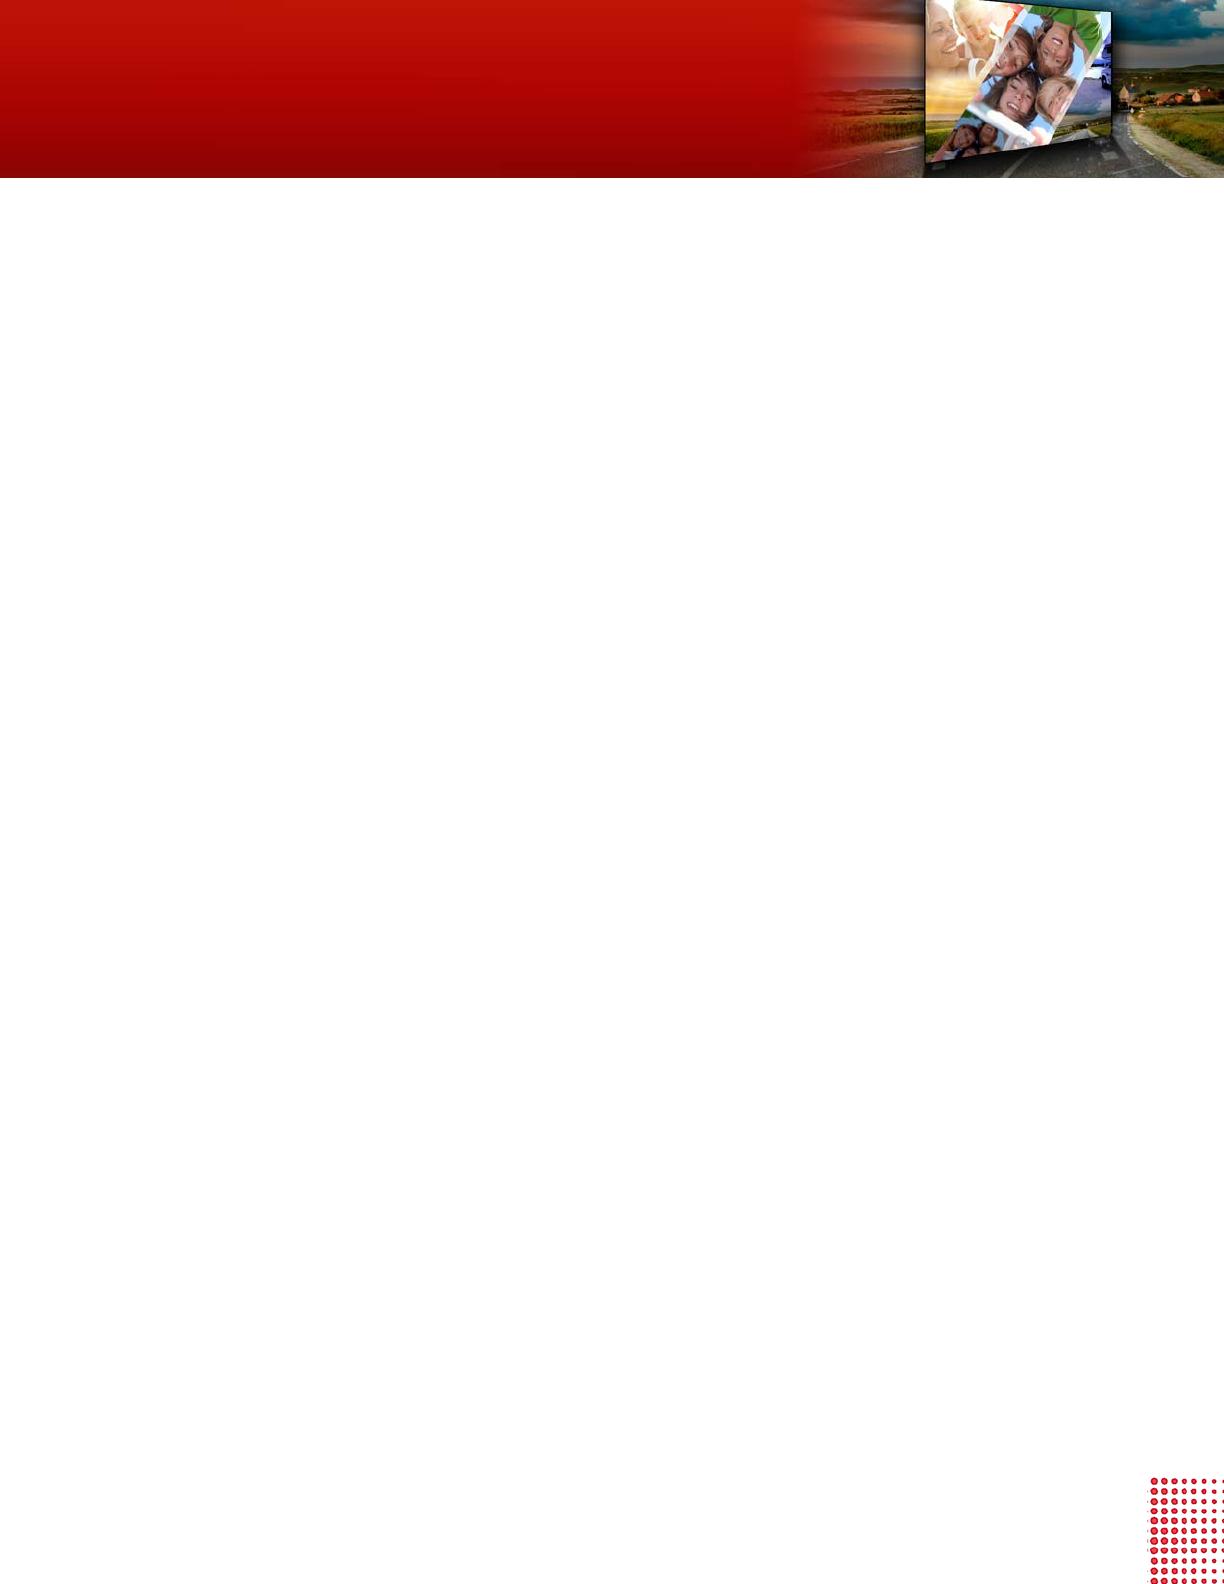 Bedienungsanleitung Corel Videostudio Pro X8 Seite 1 Von 19 Englisch